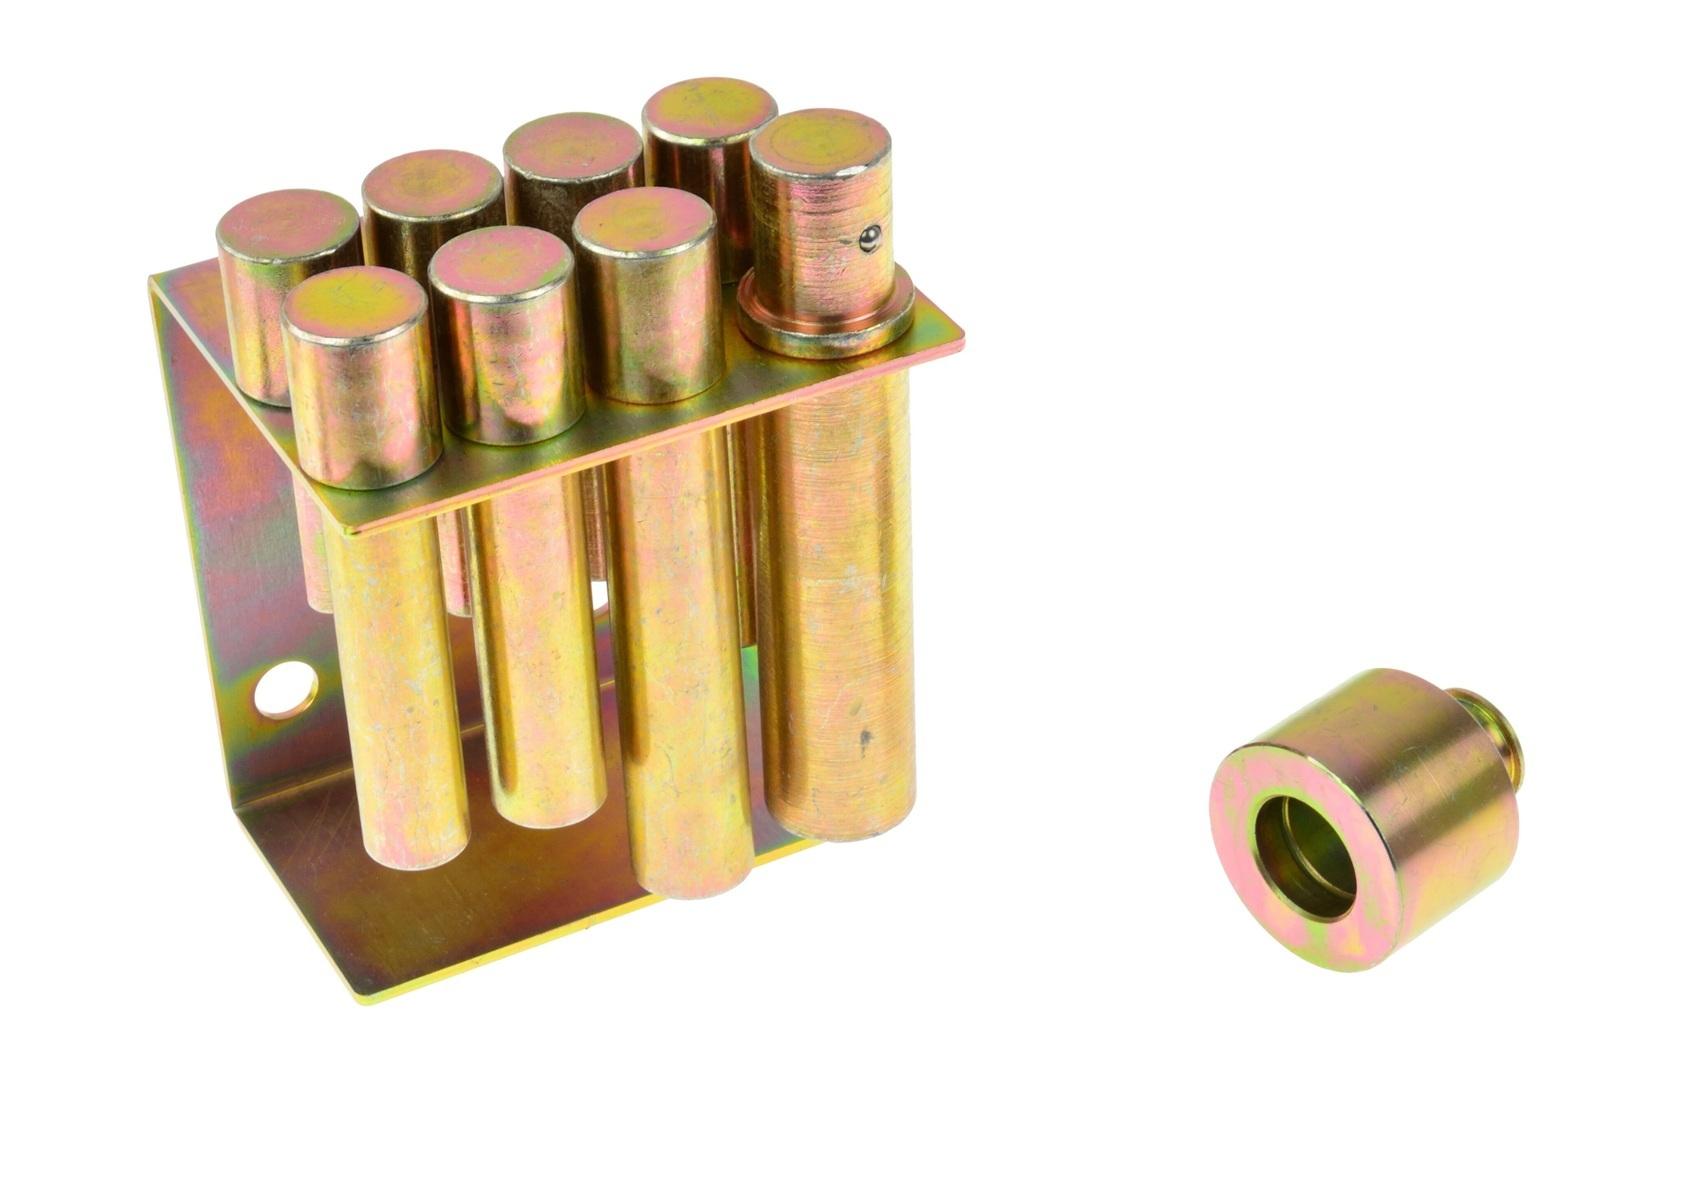 Adaptéry - kolíky do dílenského lisu, průměr 10 - 30 mm, sada 8 kusů